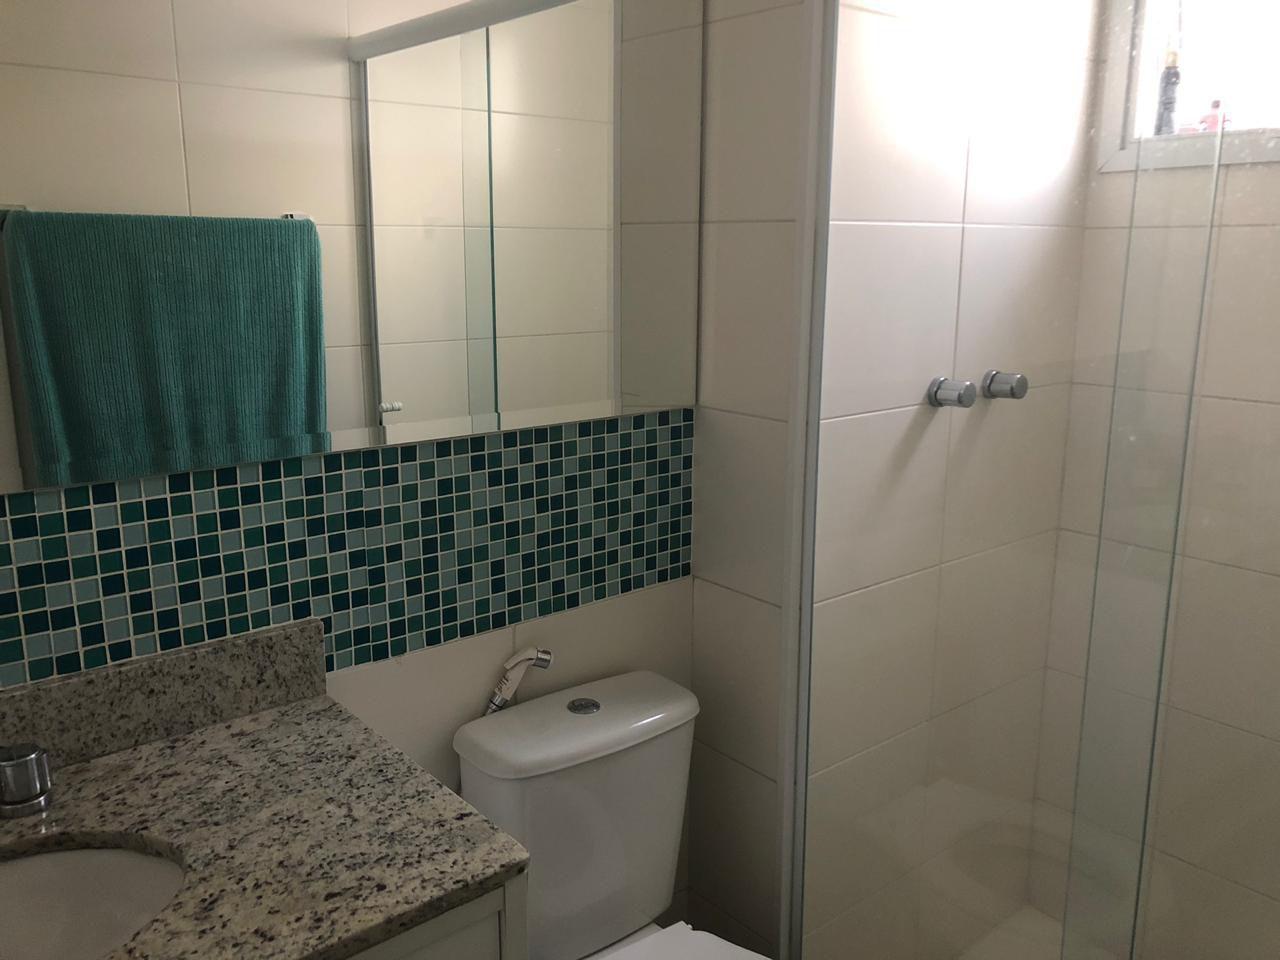 Apartamento Para Venda ou Aluguel - Água Branca - São Paulo - SP - VELO0022MOBI - 5